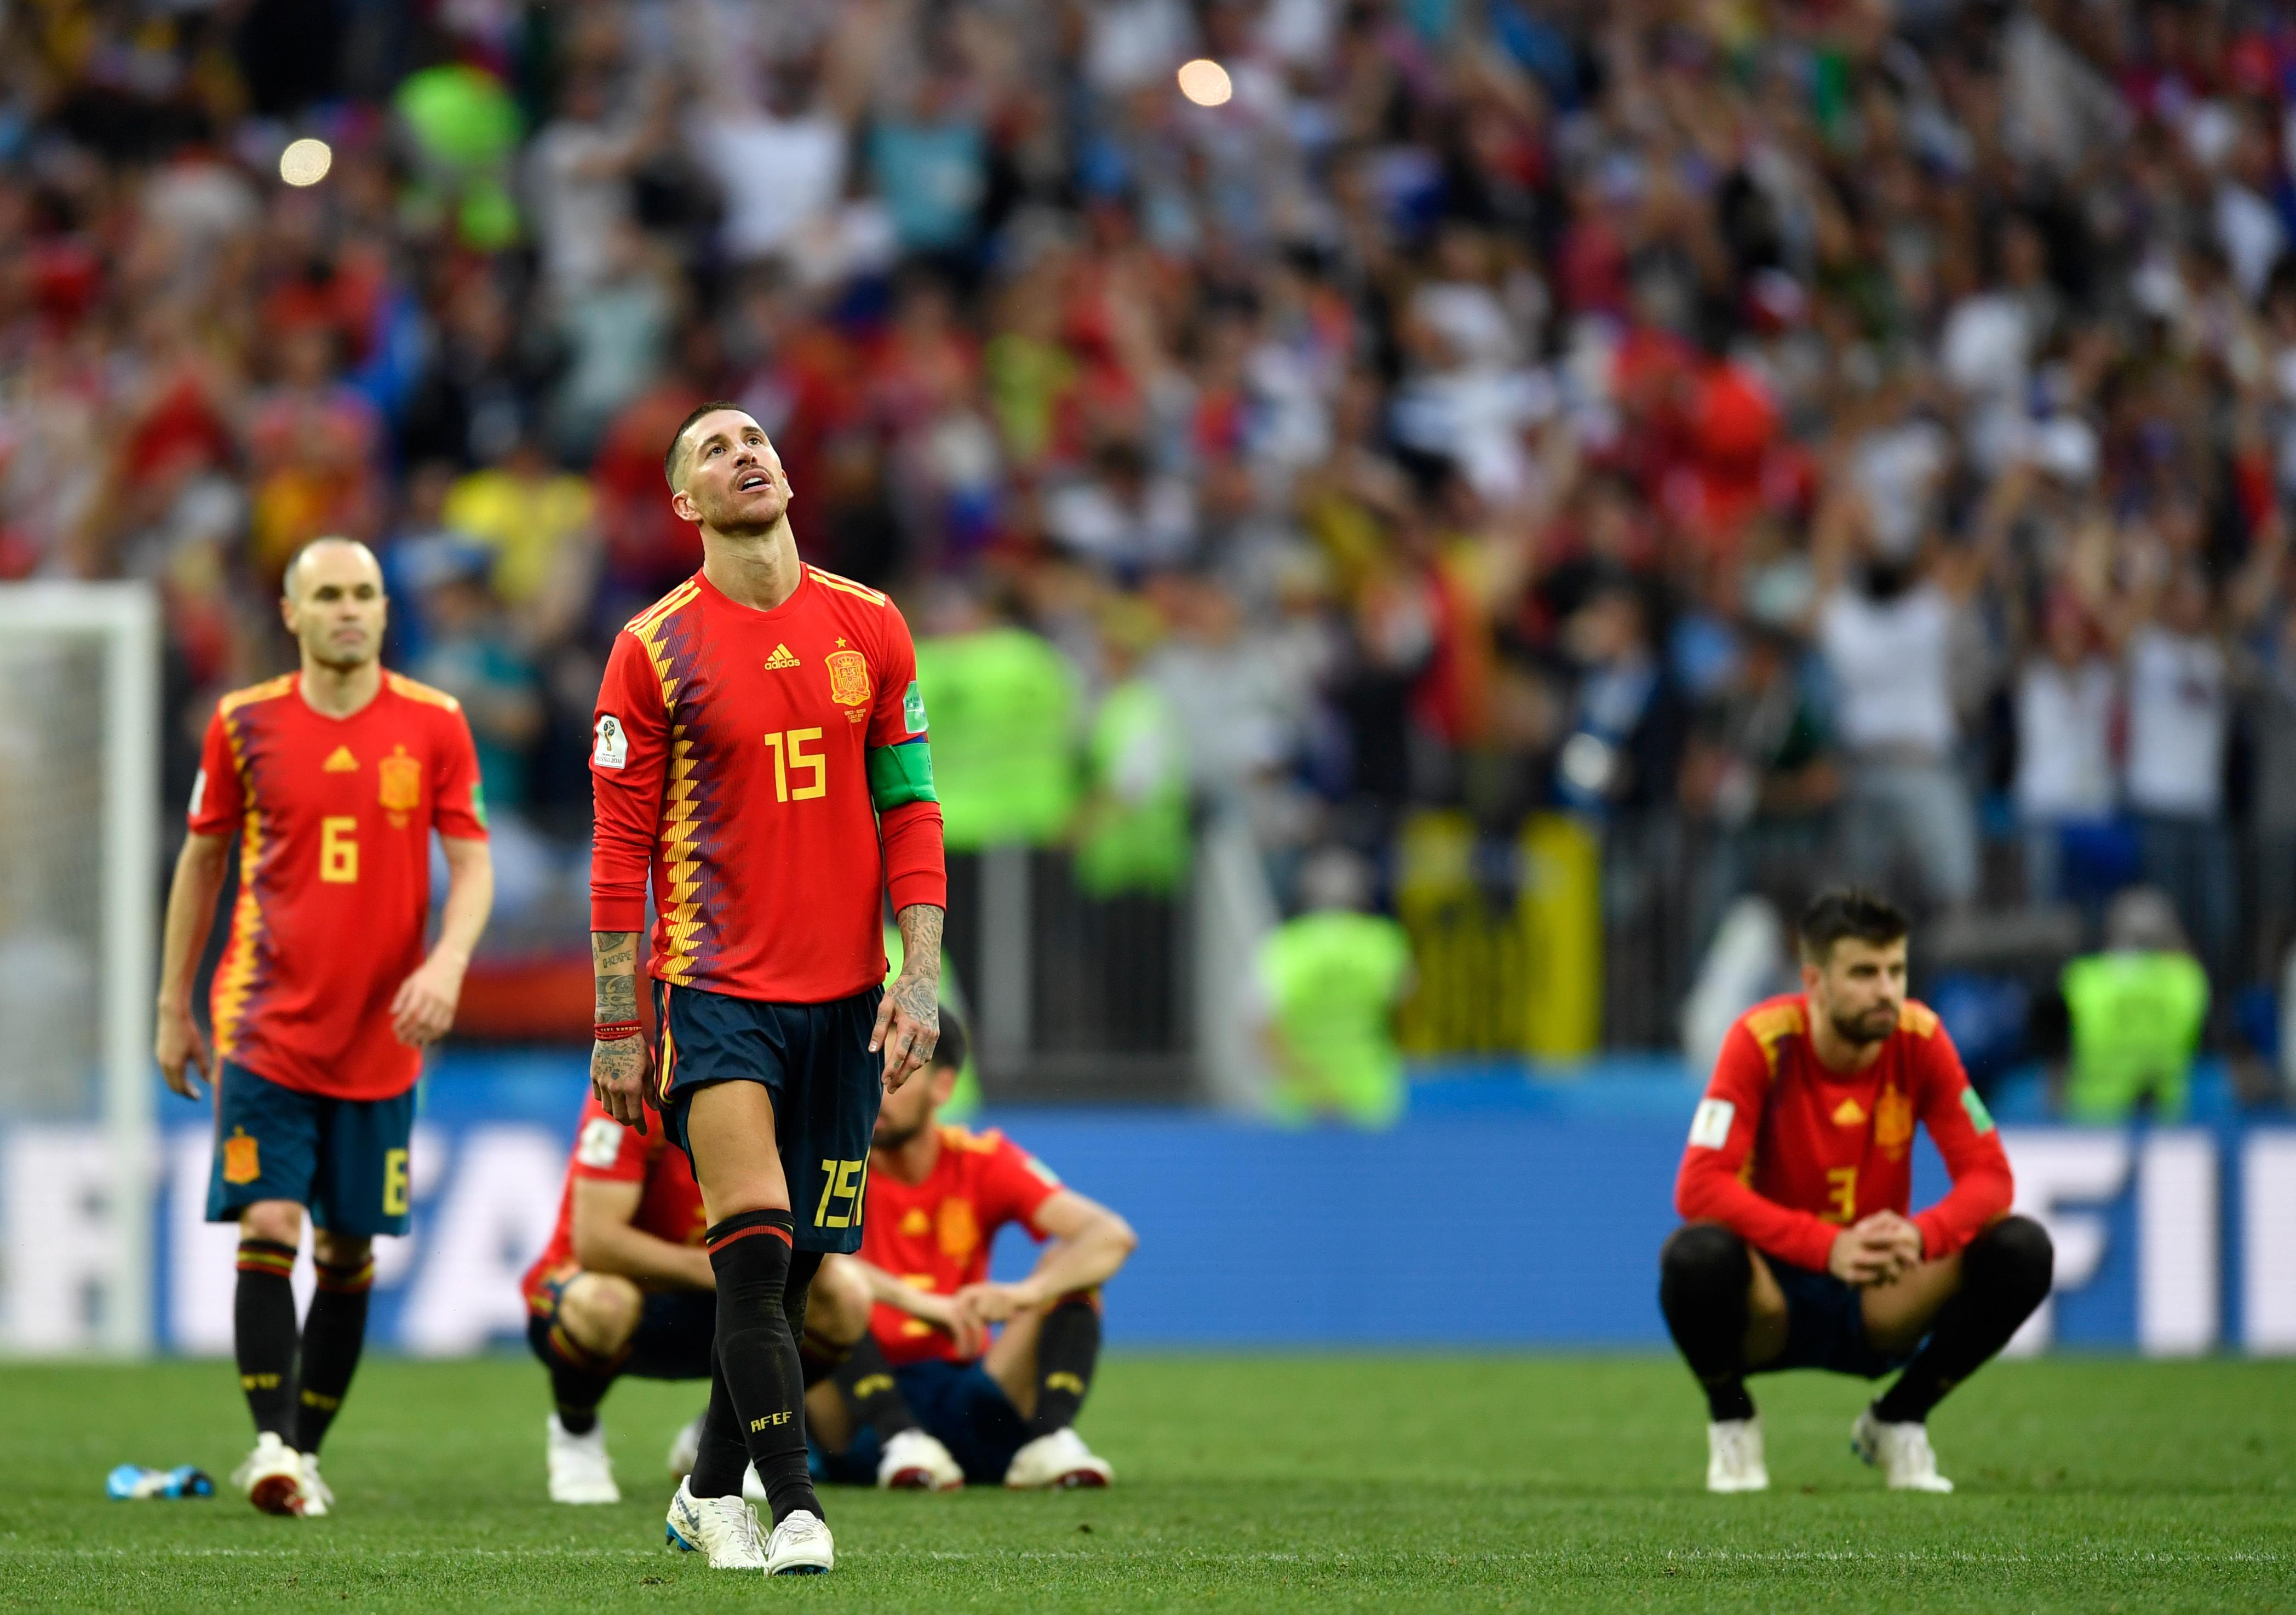 Eliminación de España en el Mundial de Rusia